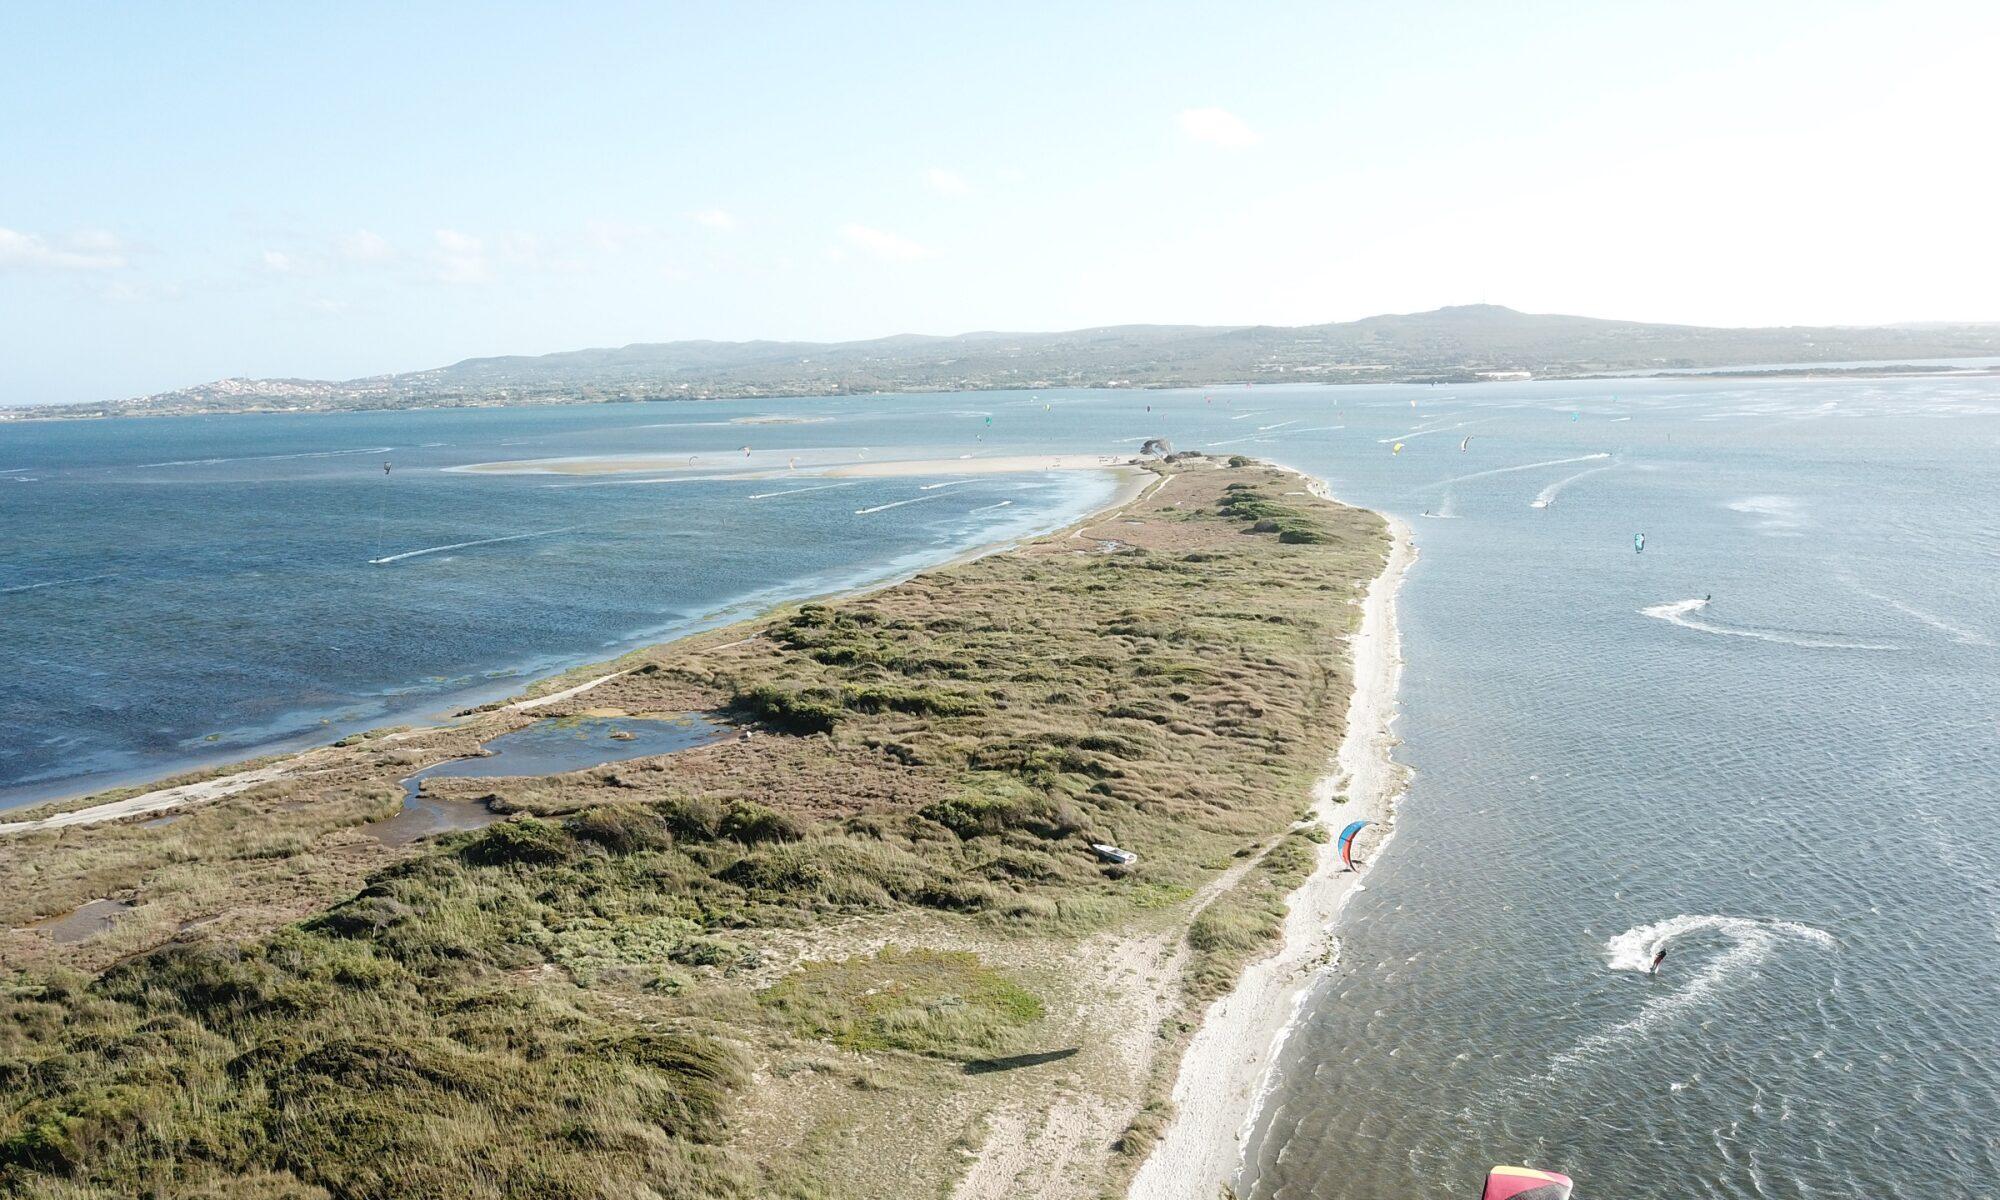 sardegna Kite Spot: i migliori kite spot della Sardegna